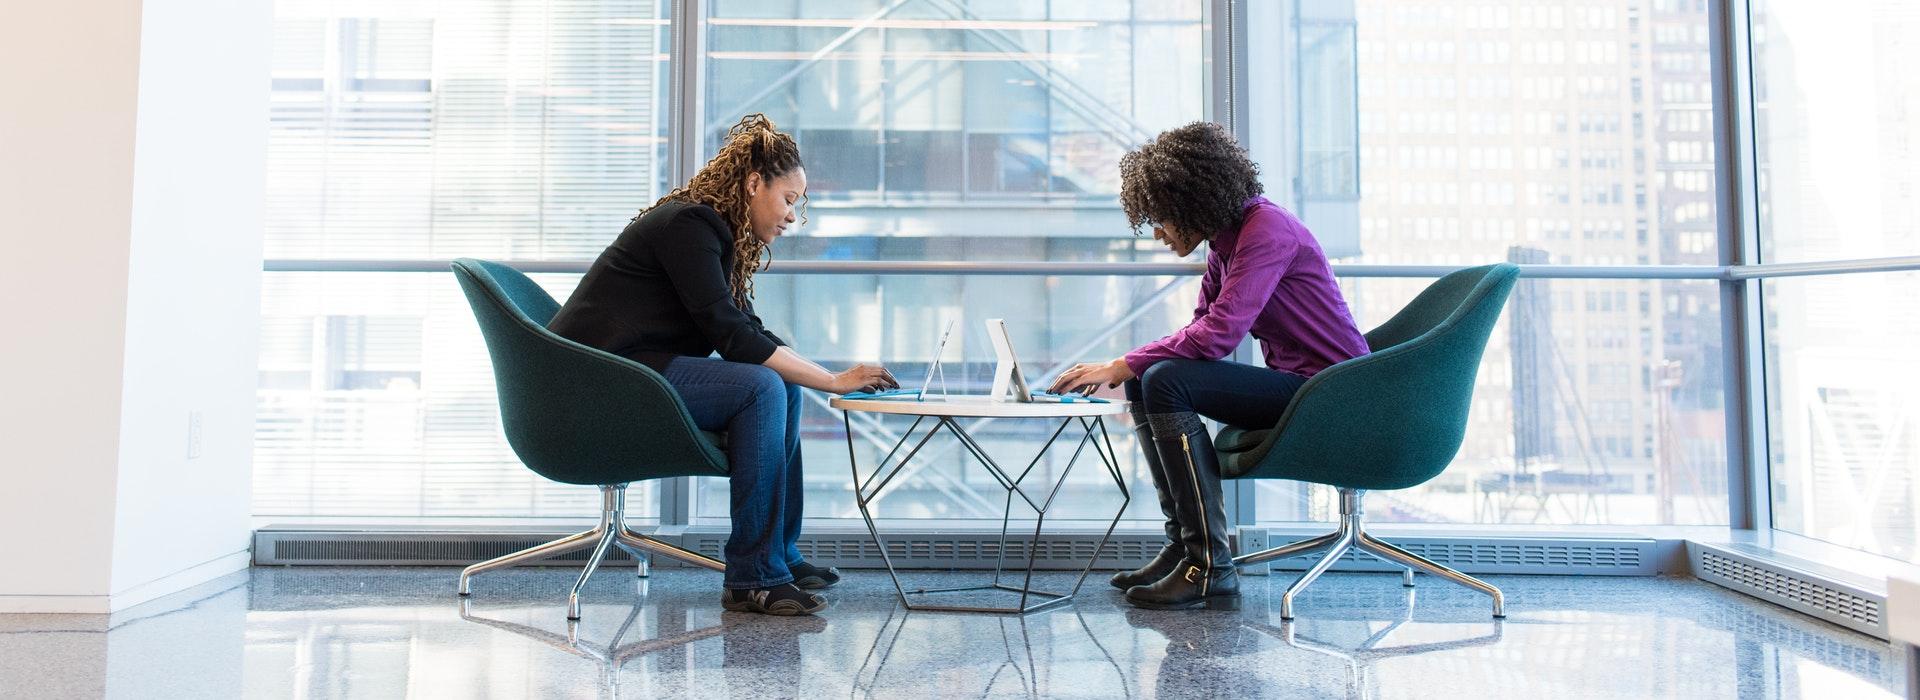 Deux femmes sont assises en face l'une de l'autre, travaillant sur des ordinateurs portables